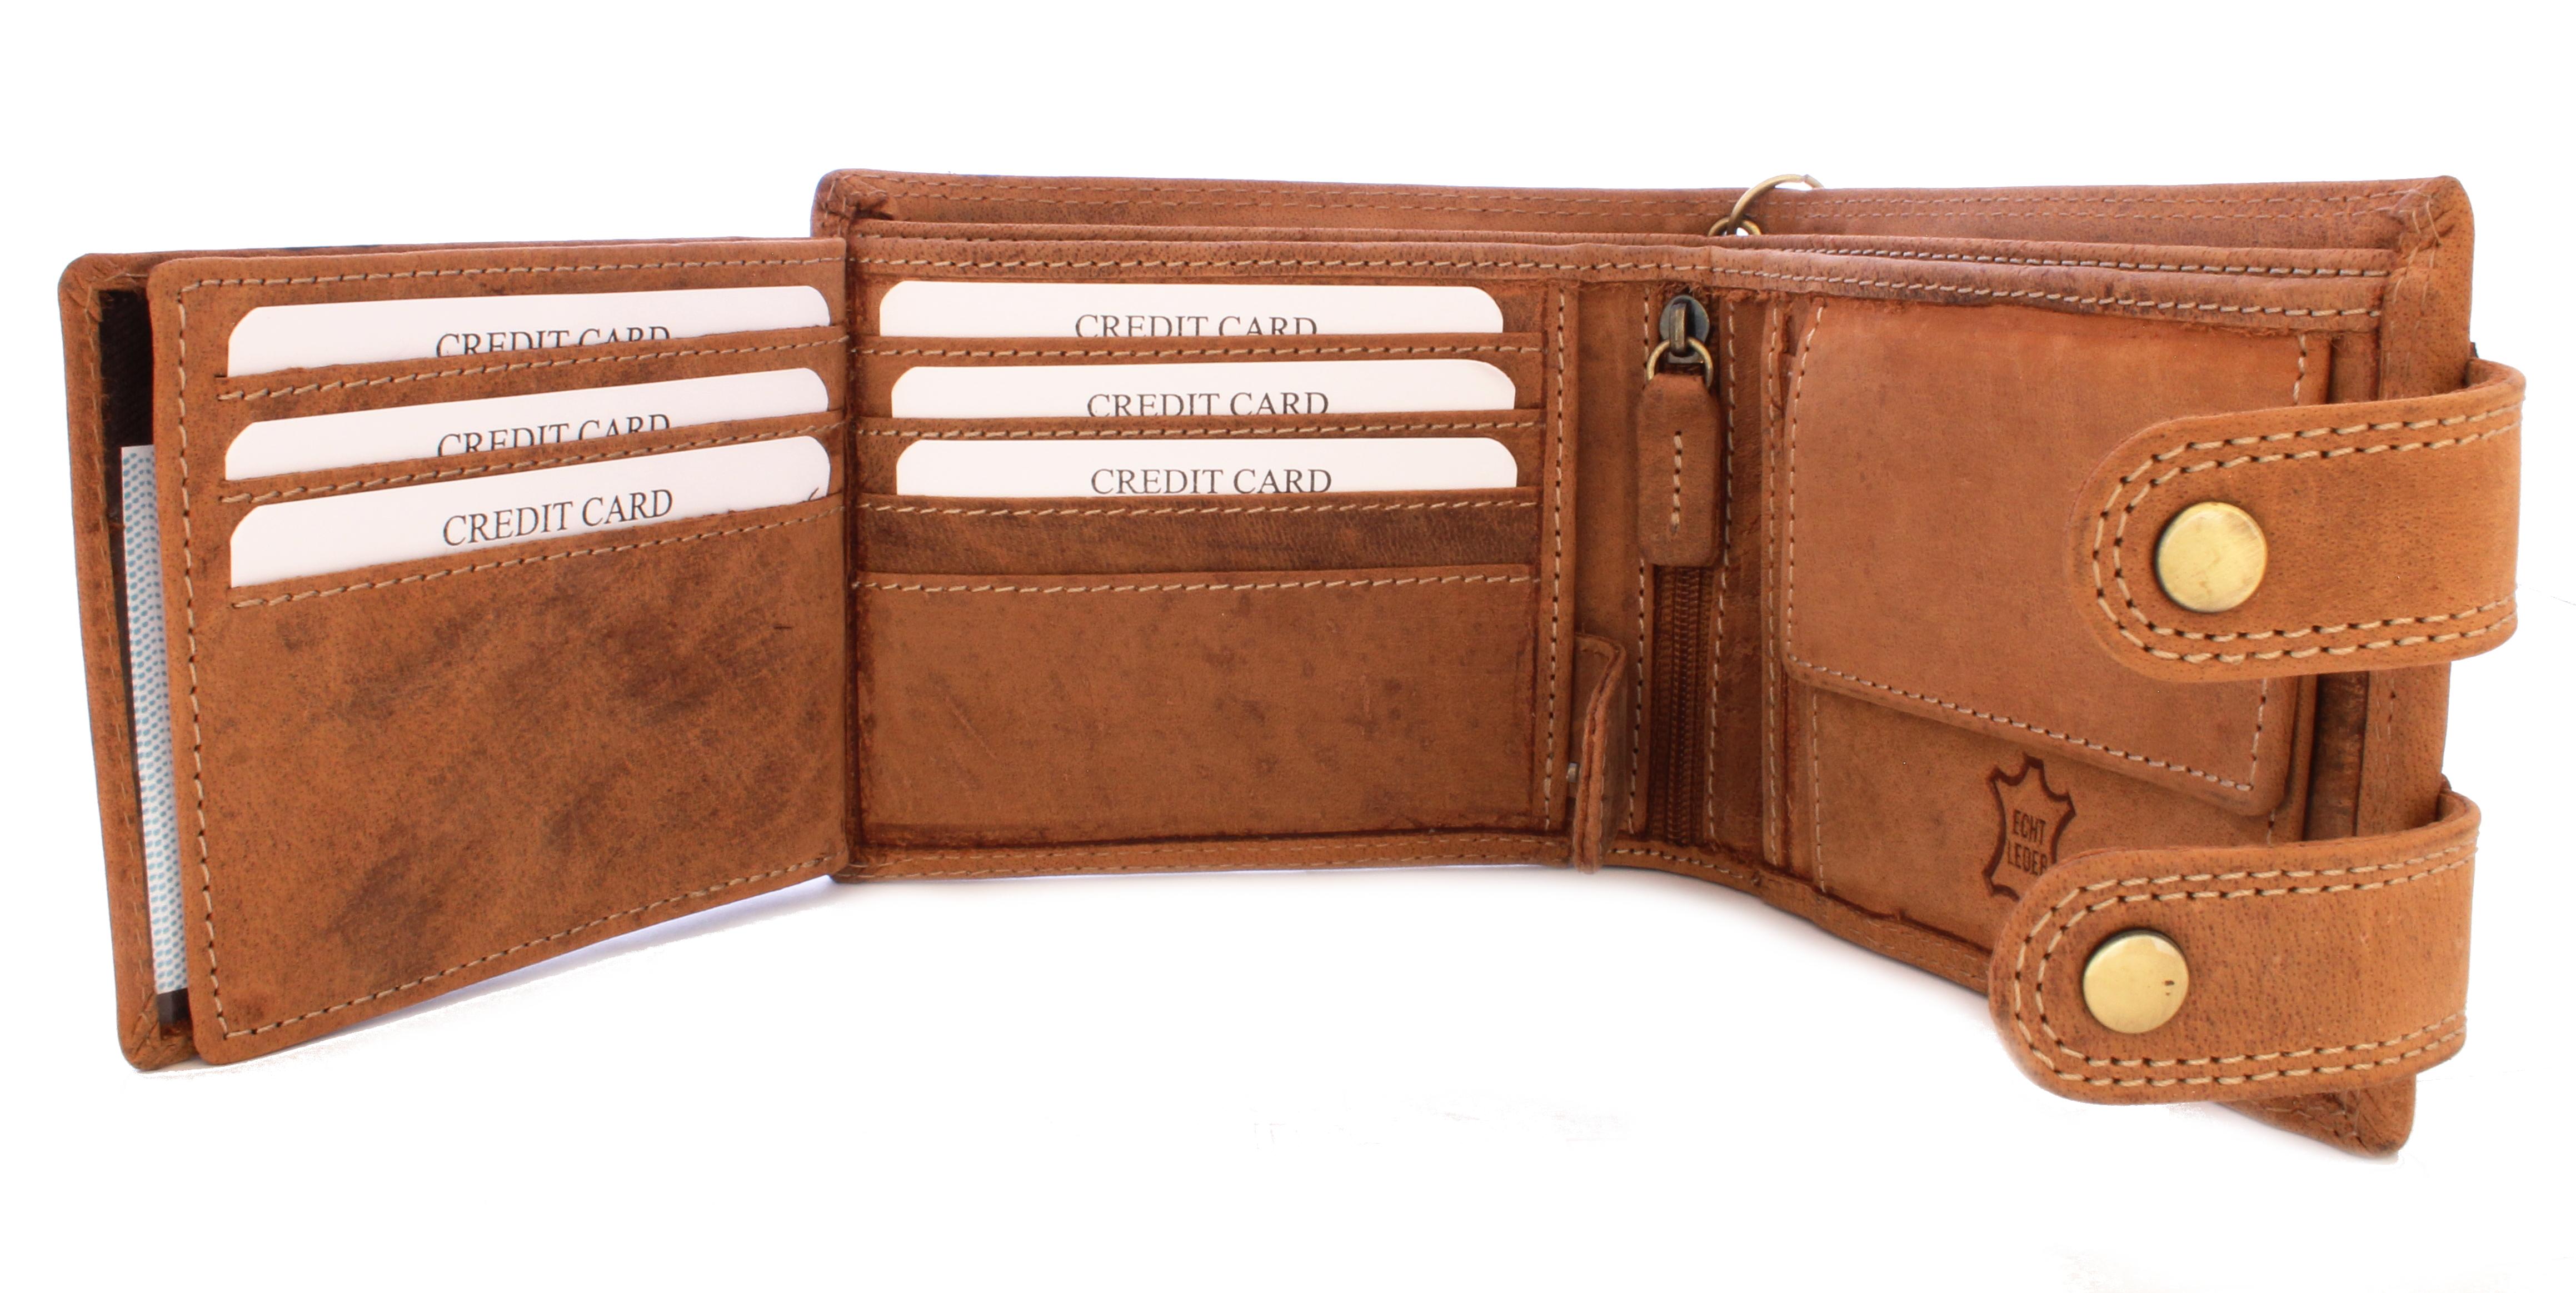 Herren Voll Leder Geldbörse im Vintage Look mit Adler Prägung und Sicherheitskette in Beige